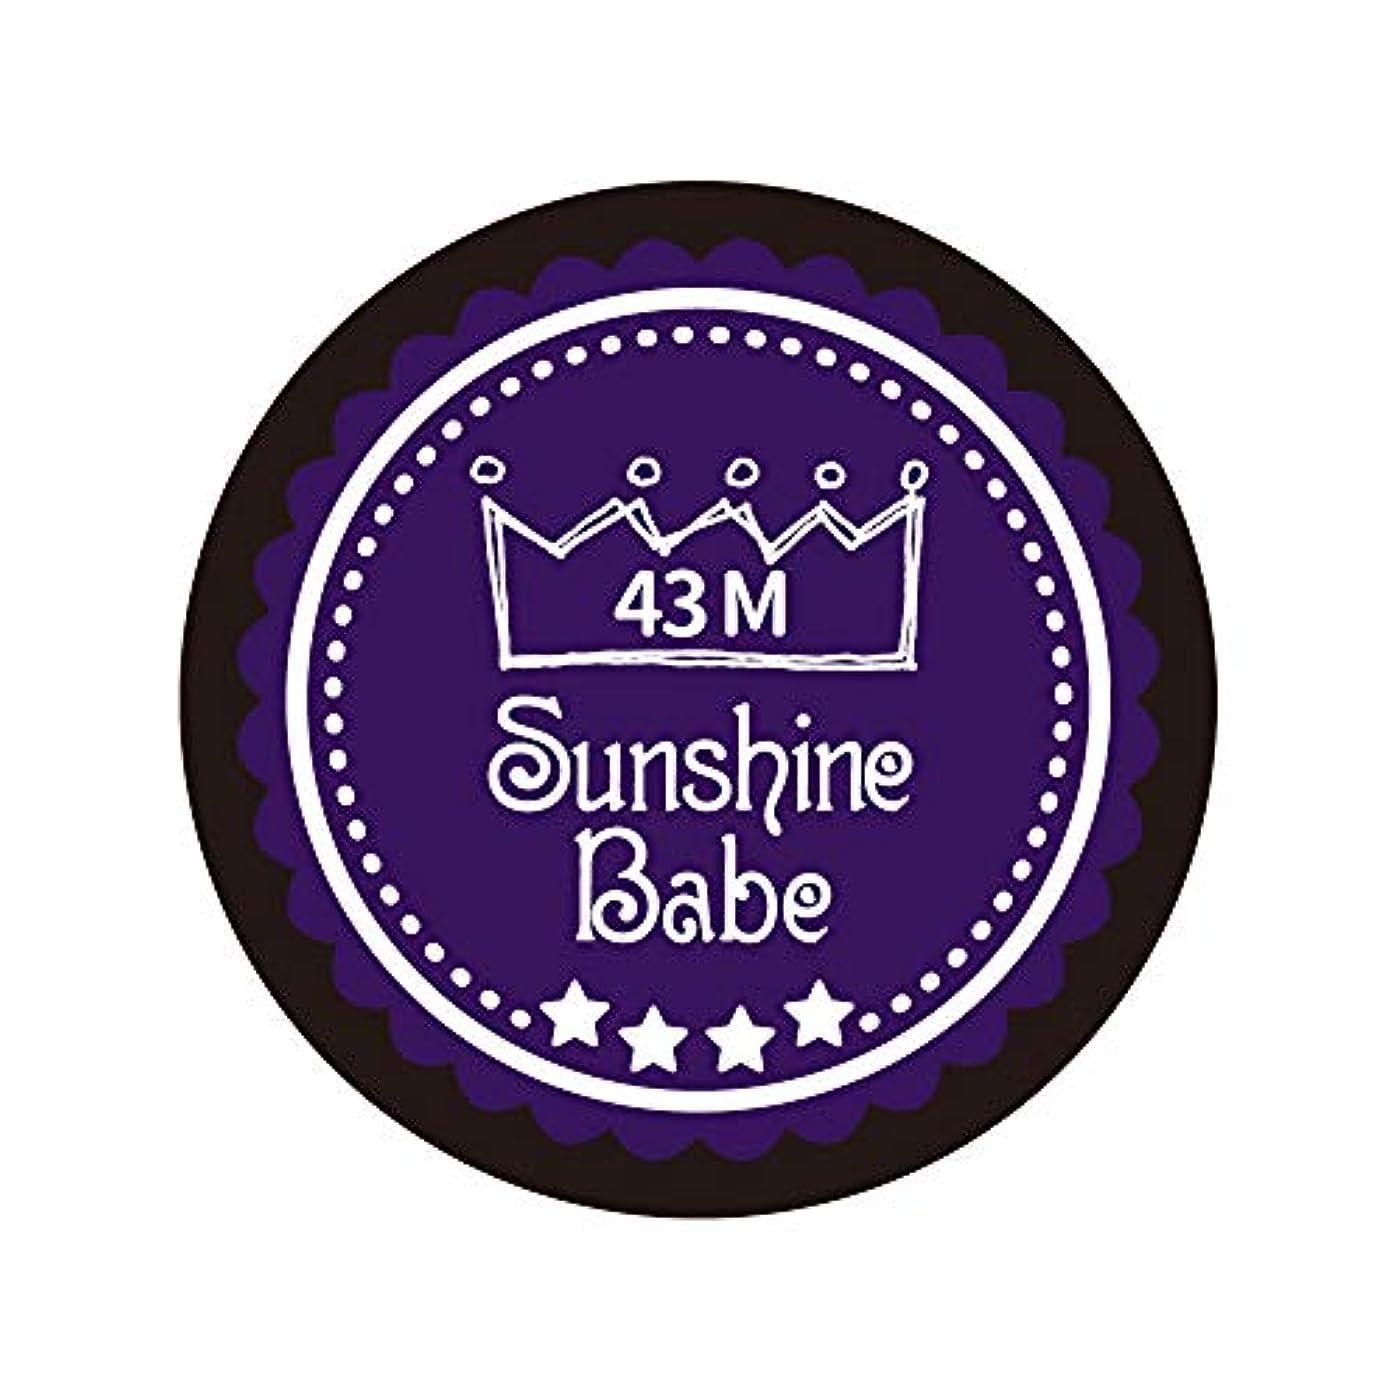 引き渡す軽寄託Sunshine Babe カラージェル 43M オータムウルトラバイオレット 4g UV/LED対応